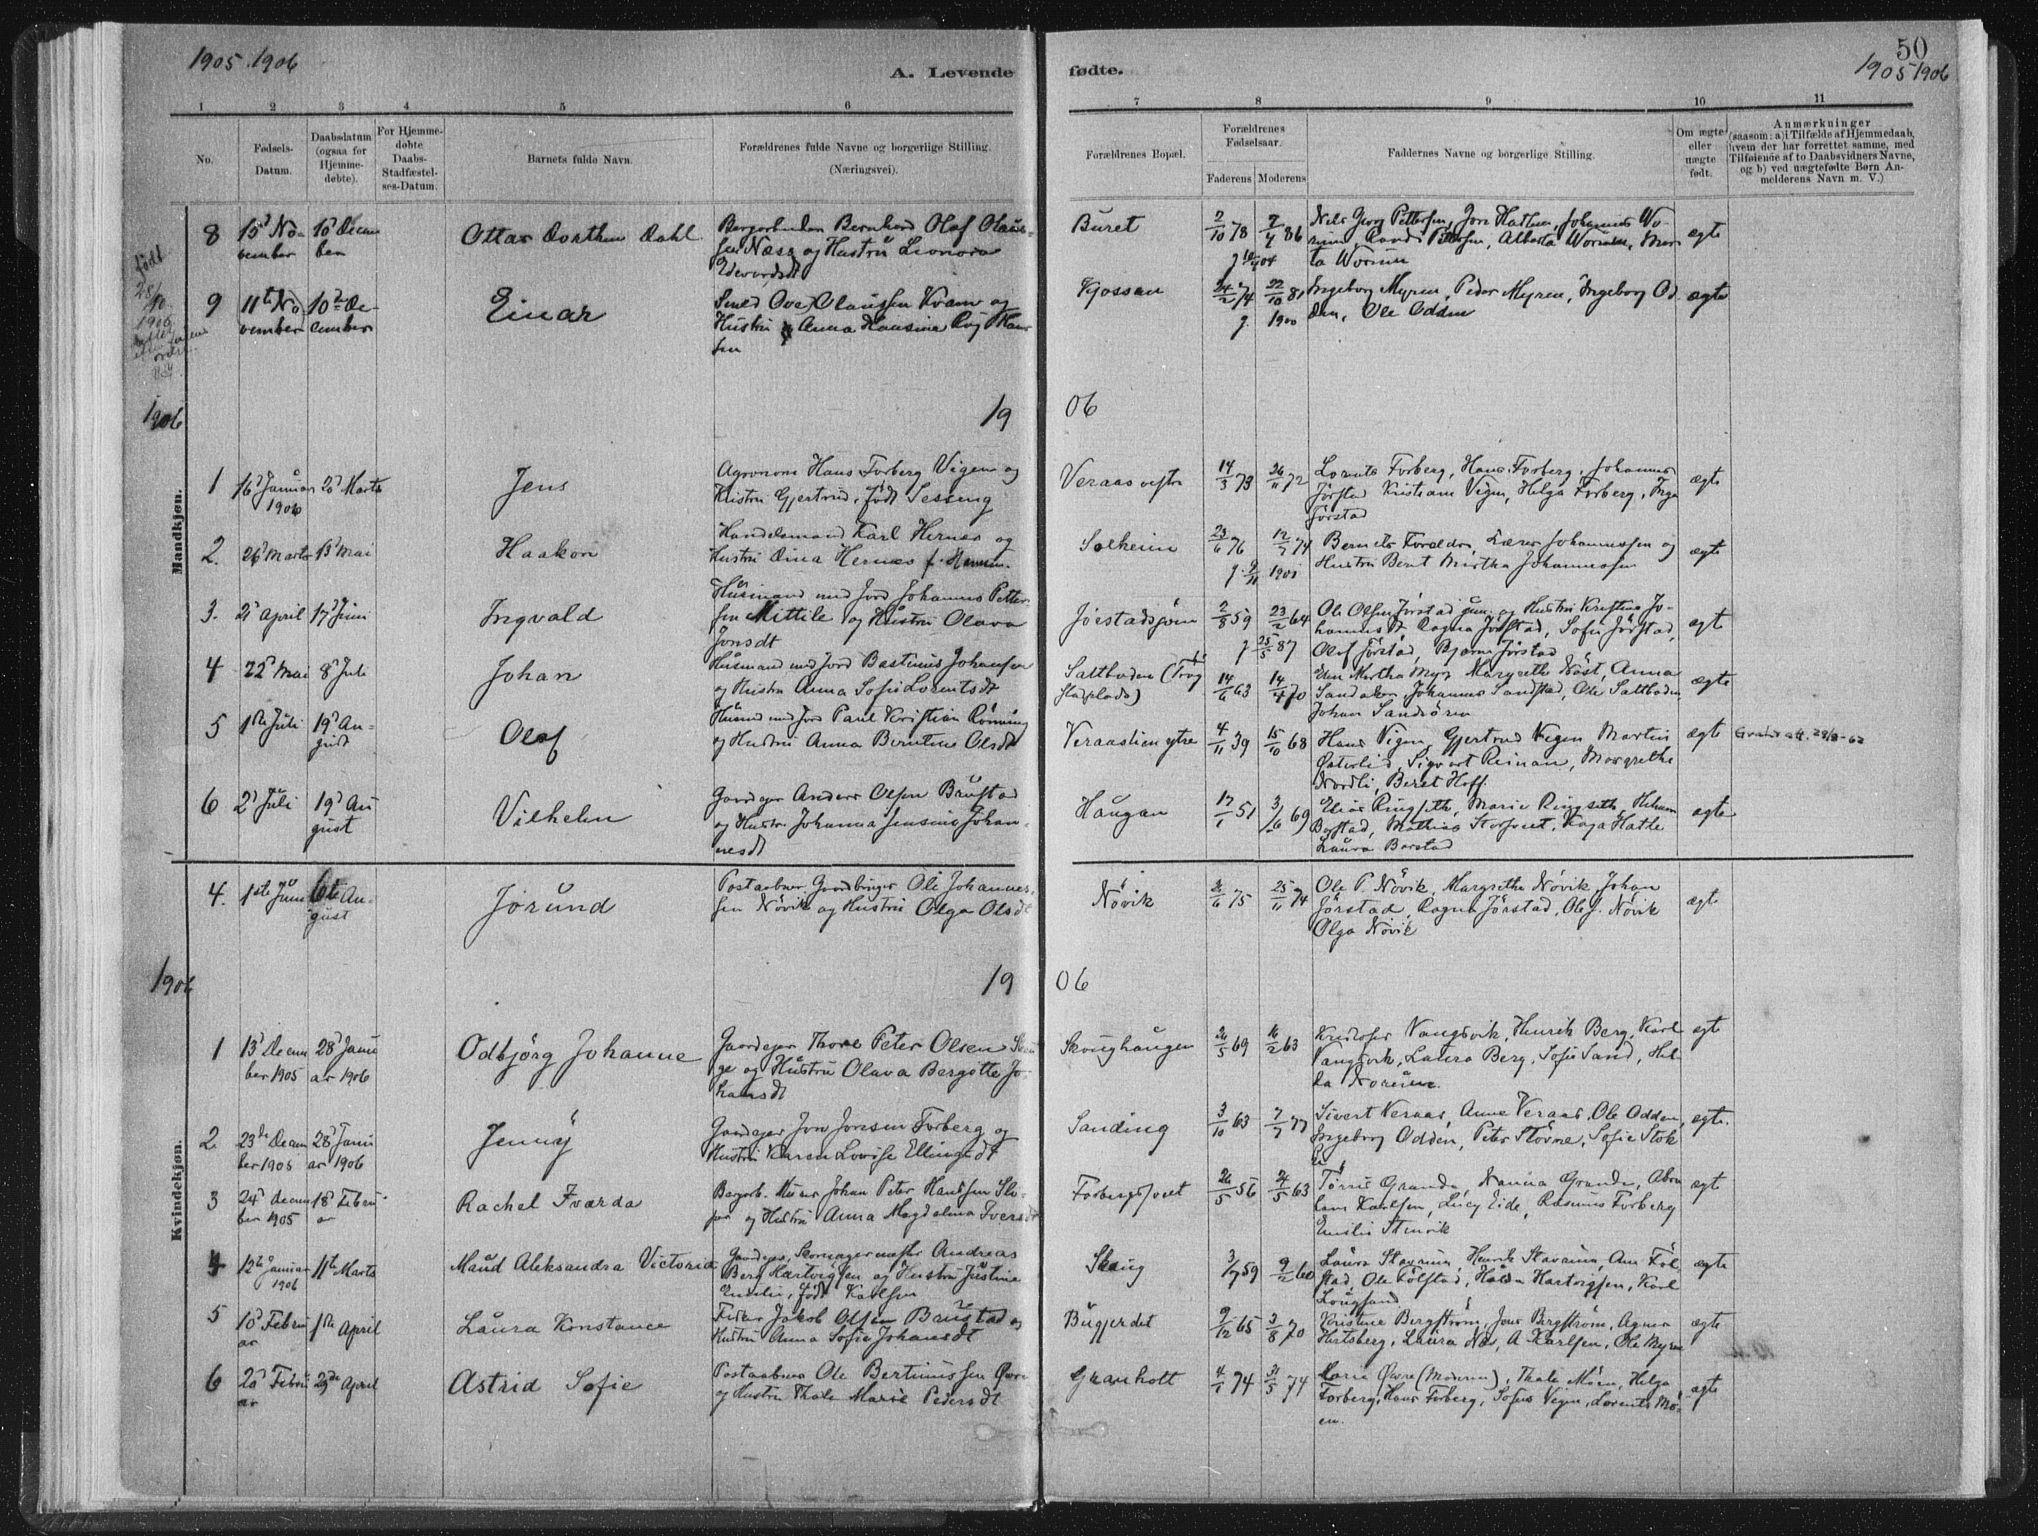 SAT, Ministerialprotokoller, klokkerbøker og fødselsregistre - Nord-Trøndelag, 722/L0220: Ministerialbok nr. 722A07, 1881-1908, s. 50